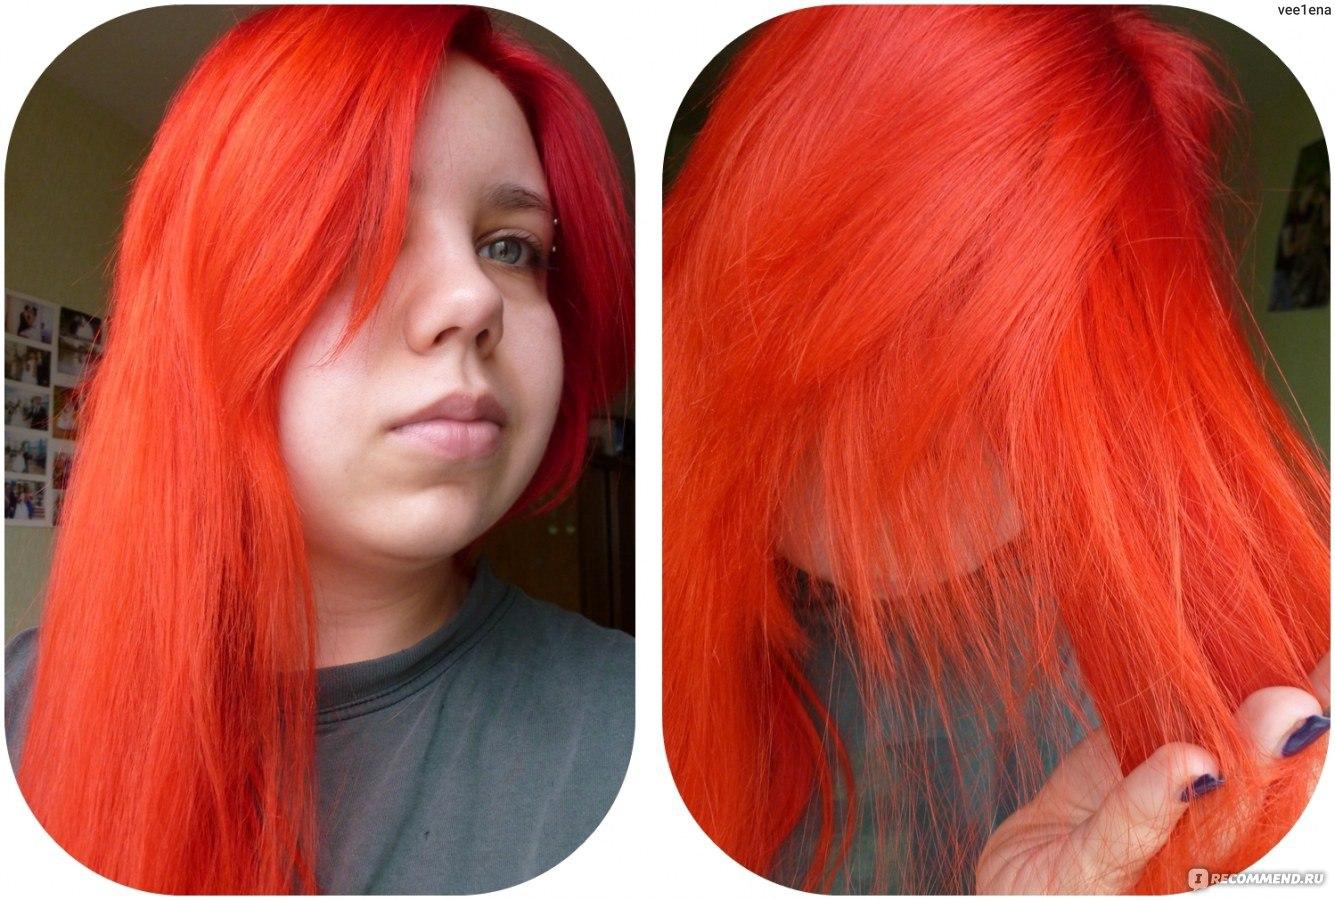 К чему снится красить волосы в рыжий во сне